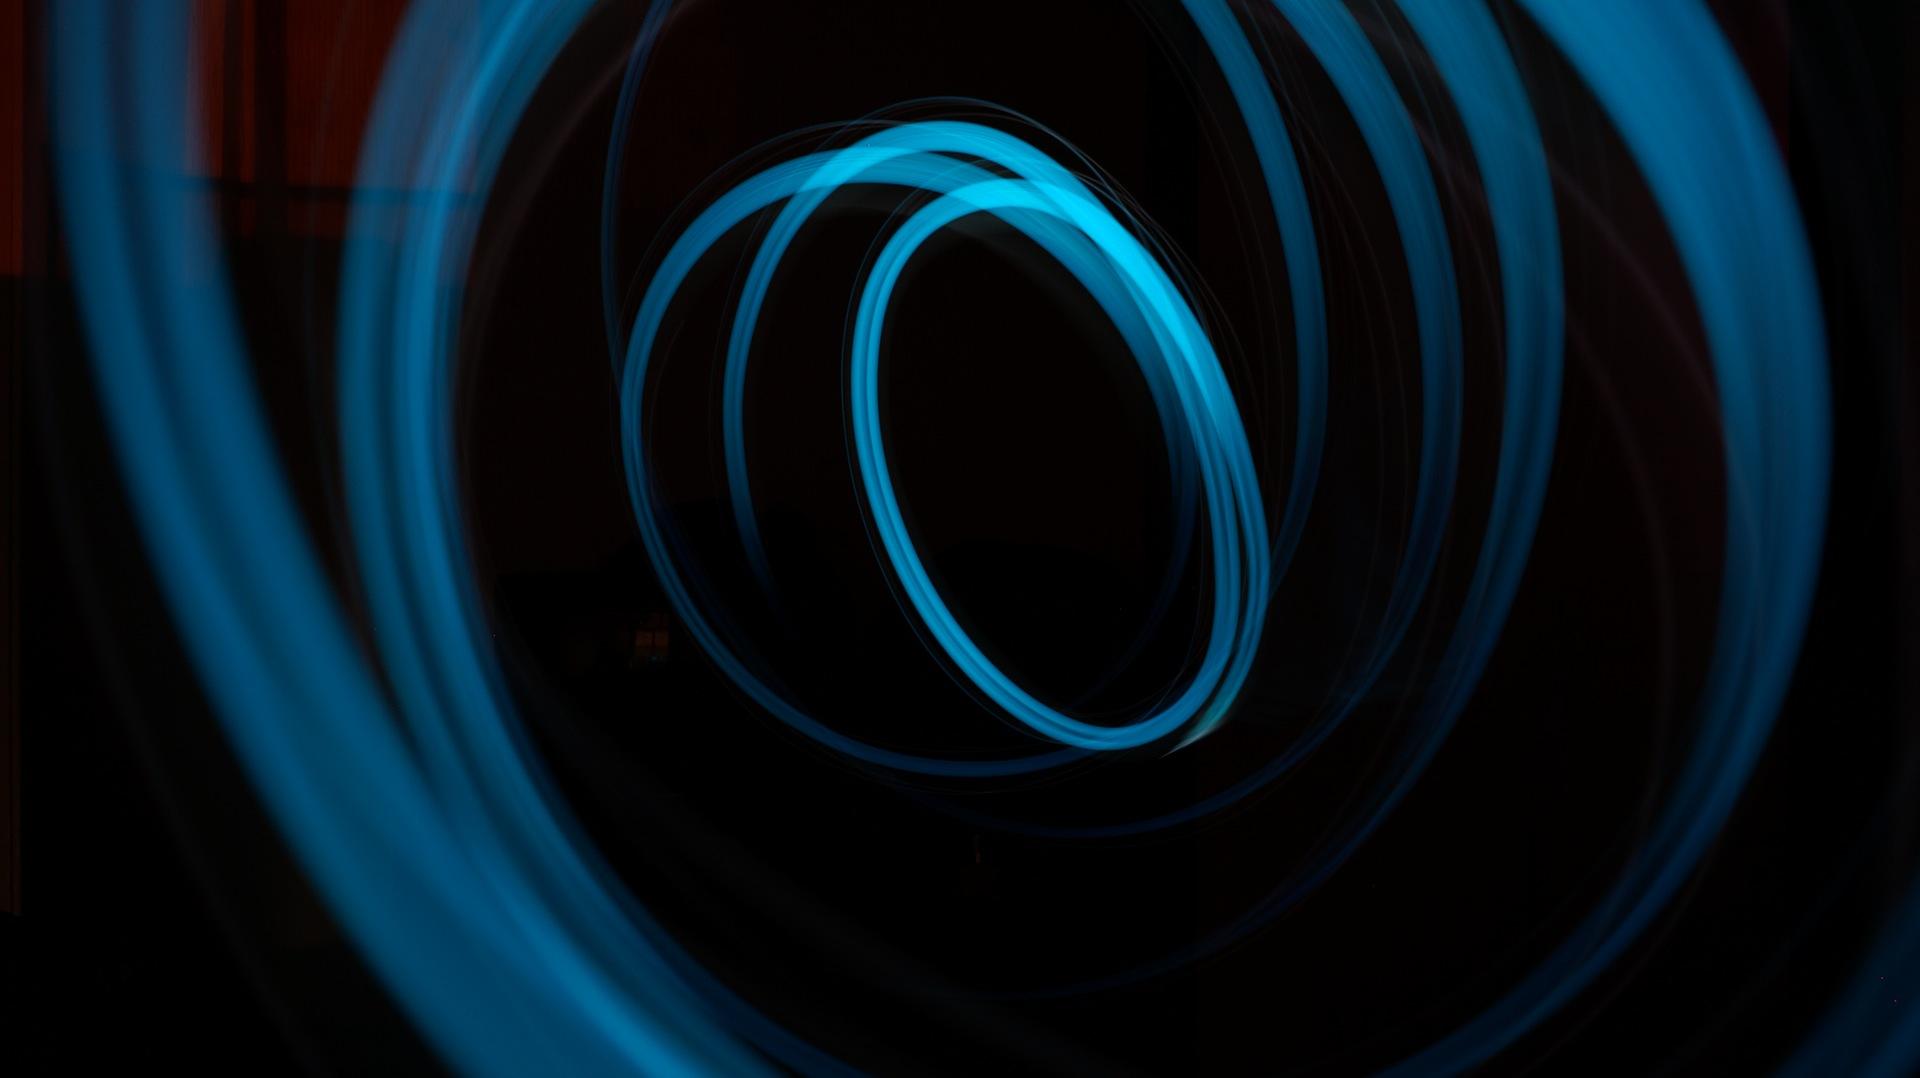 φώτα, σκοτάδι, γραμμές, τέχνη, Μπλε - Wallpapers HD - Professor-falken.com